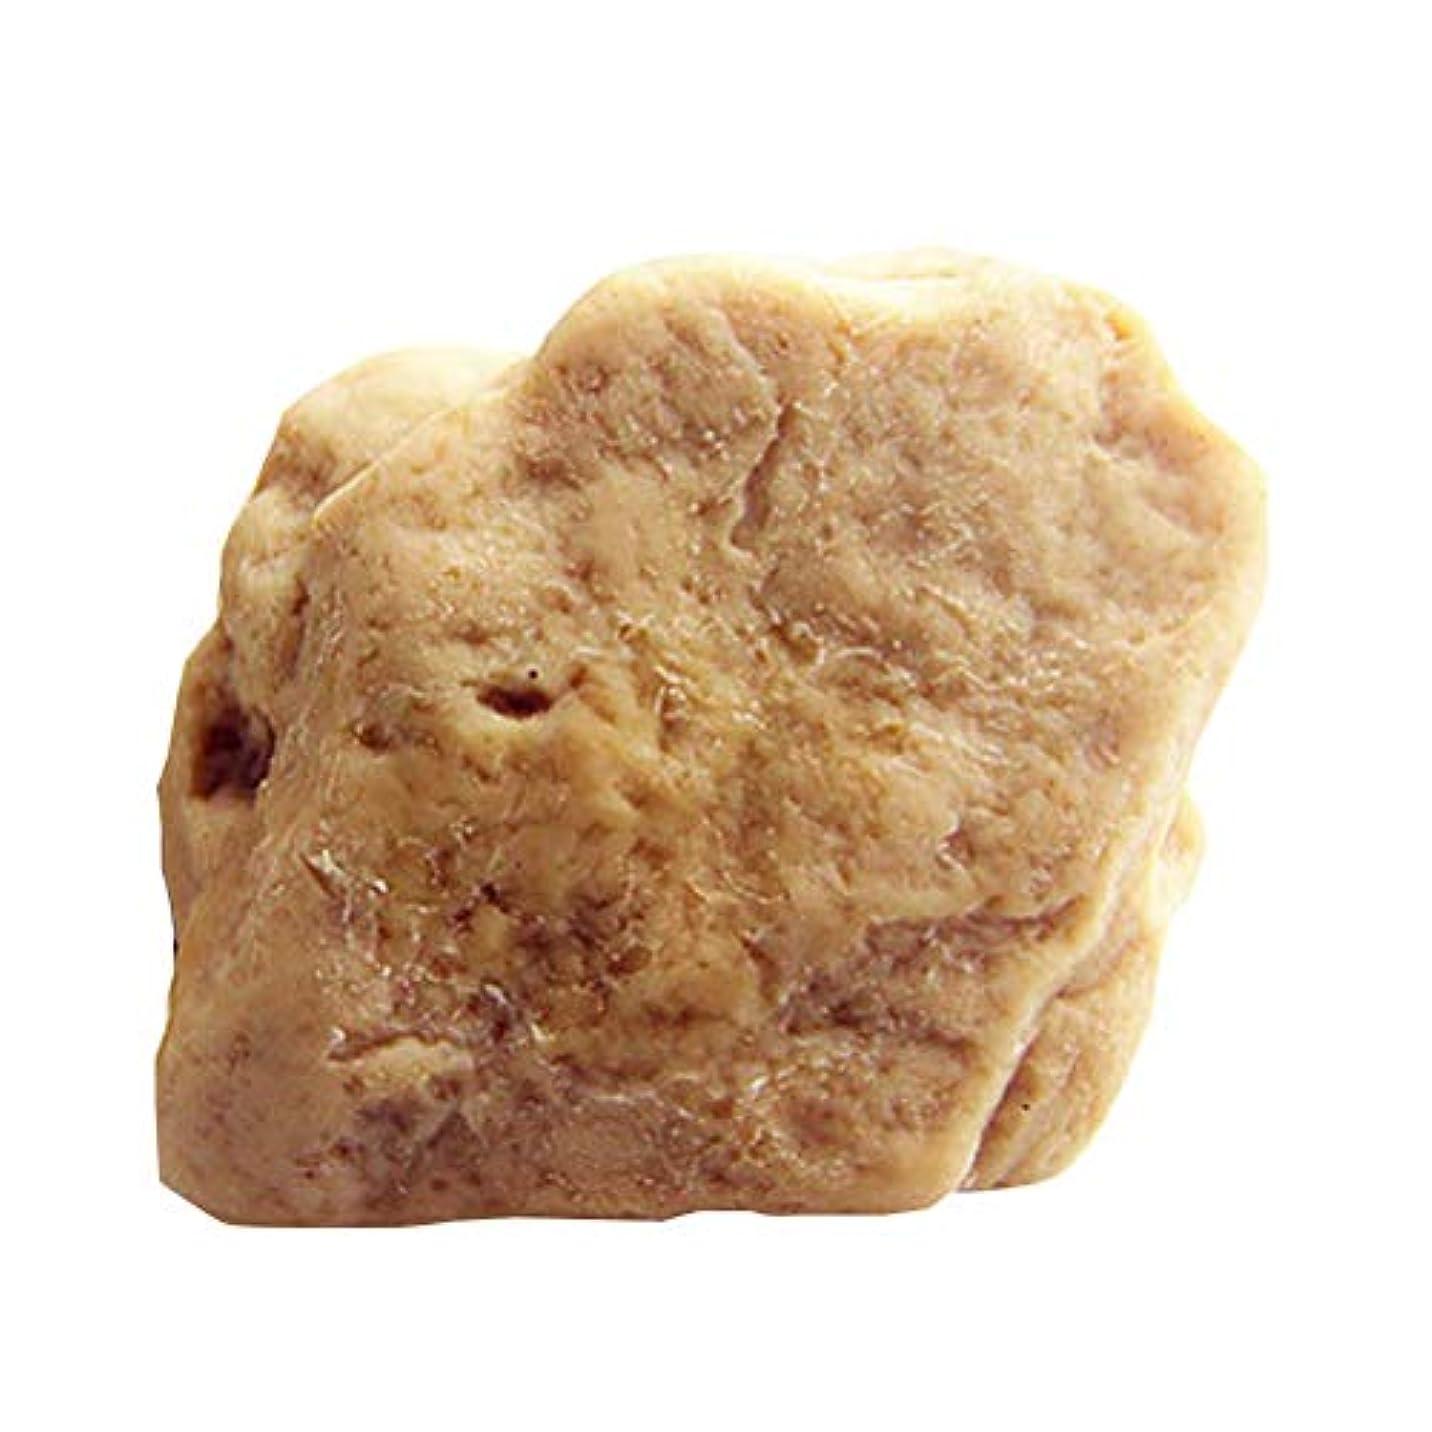 偽住所特異性Creacom オリーブオイル 石鹸 肌に優しい無添加 毛穴 対策 洗顔石鹸 保湿 固形 毛穴 黒ずみ 肌荒れ くすみ ニキビ 美白 美肌 角質除去 肌荒れ 乾燥肌 オイル肌 混合肌 対策 全身可能